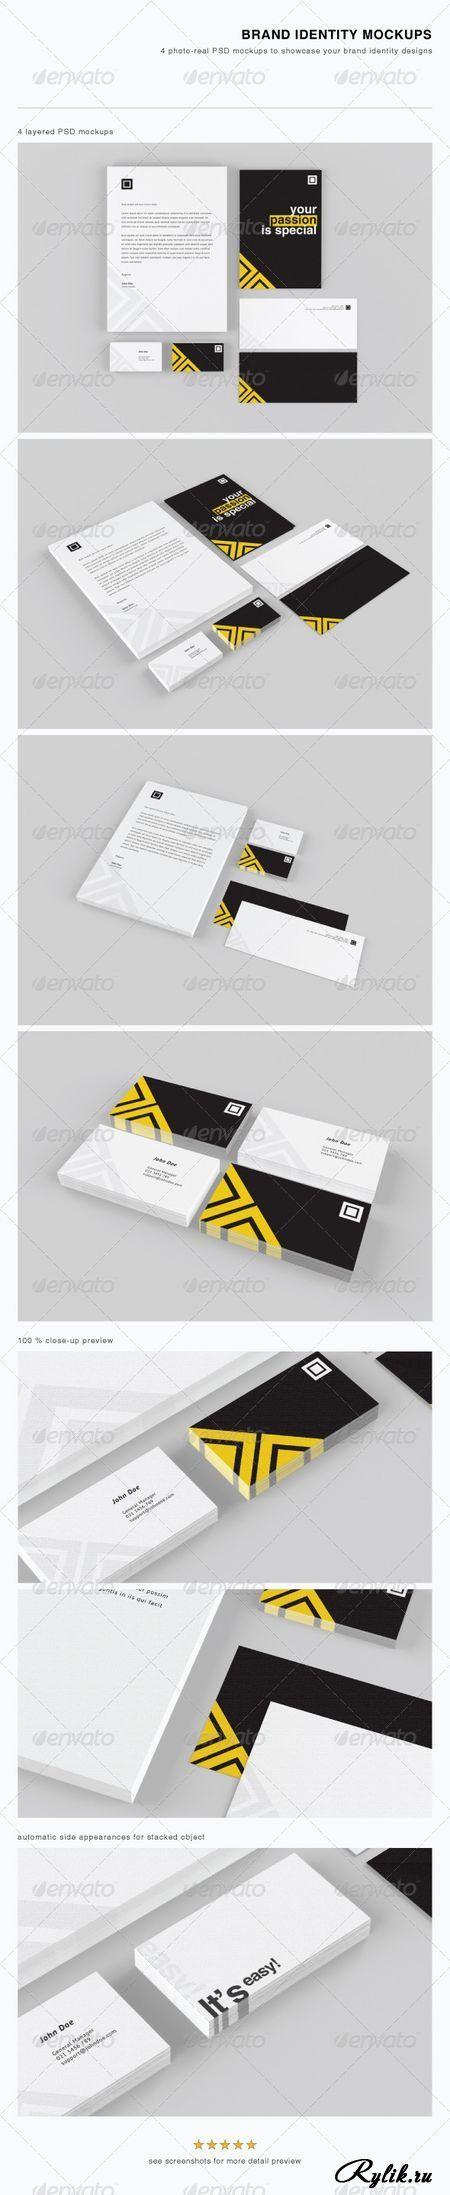 Брендинг, фирменный стиль - макет для презентации. PSD - Brand Identity Mockups